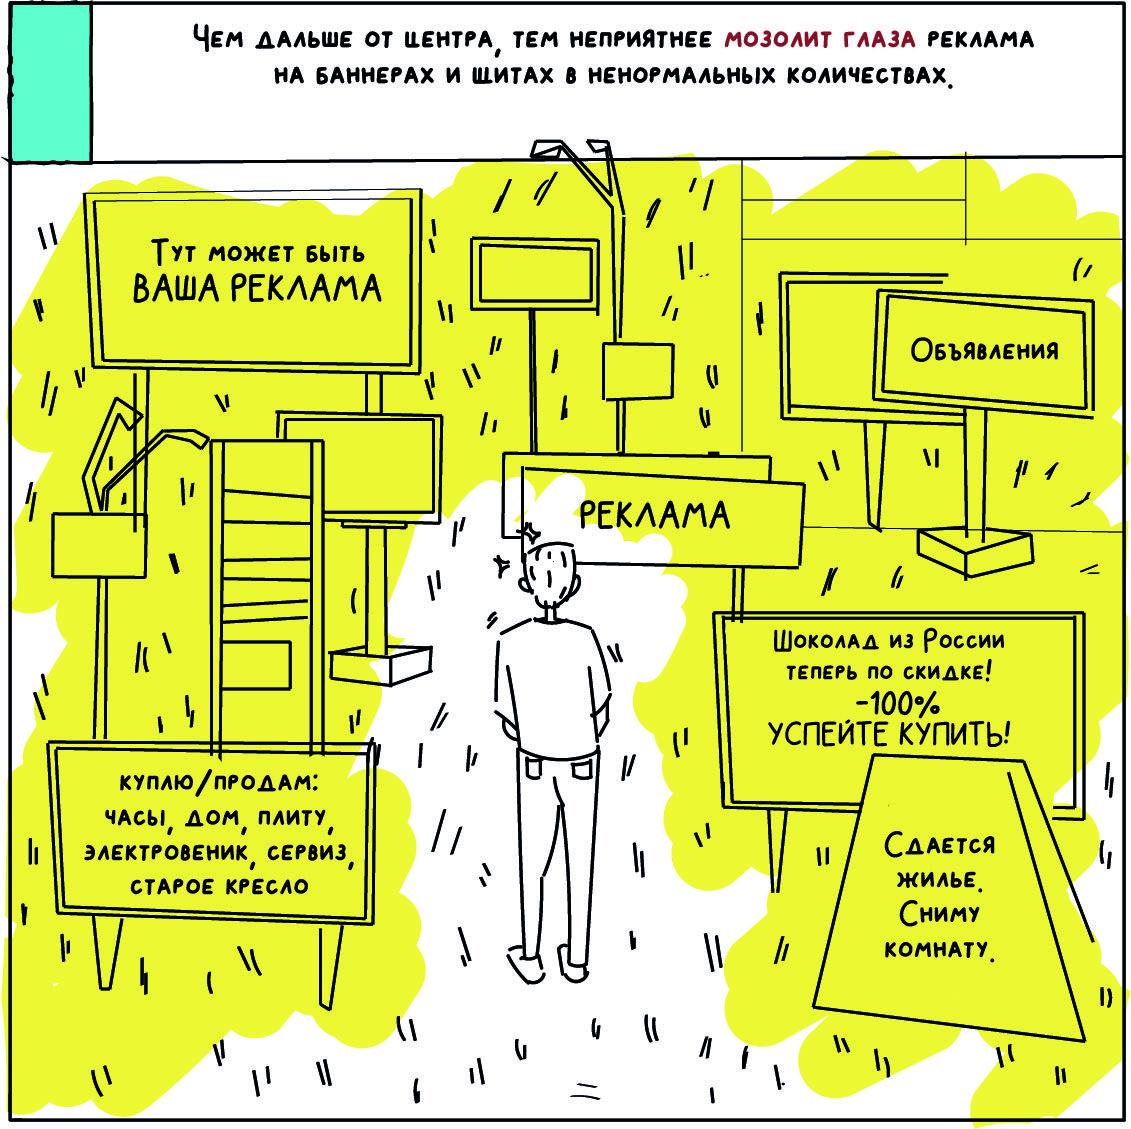 comics about kyiv 13 - <b>«Собі побібікай!»</b> Комікс Анастасії Оприщенко про те, що дратує в Києві найбільше - Заборона